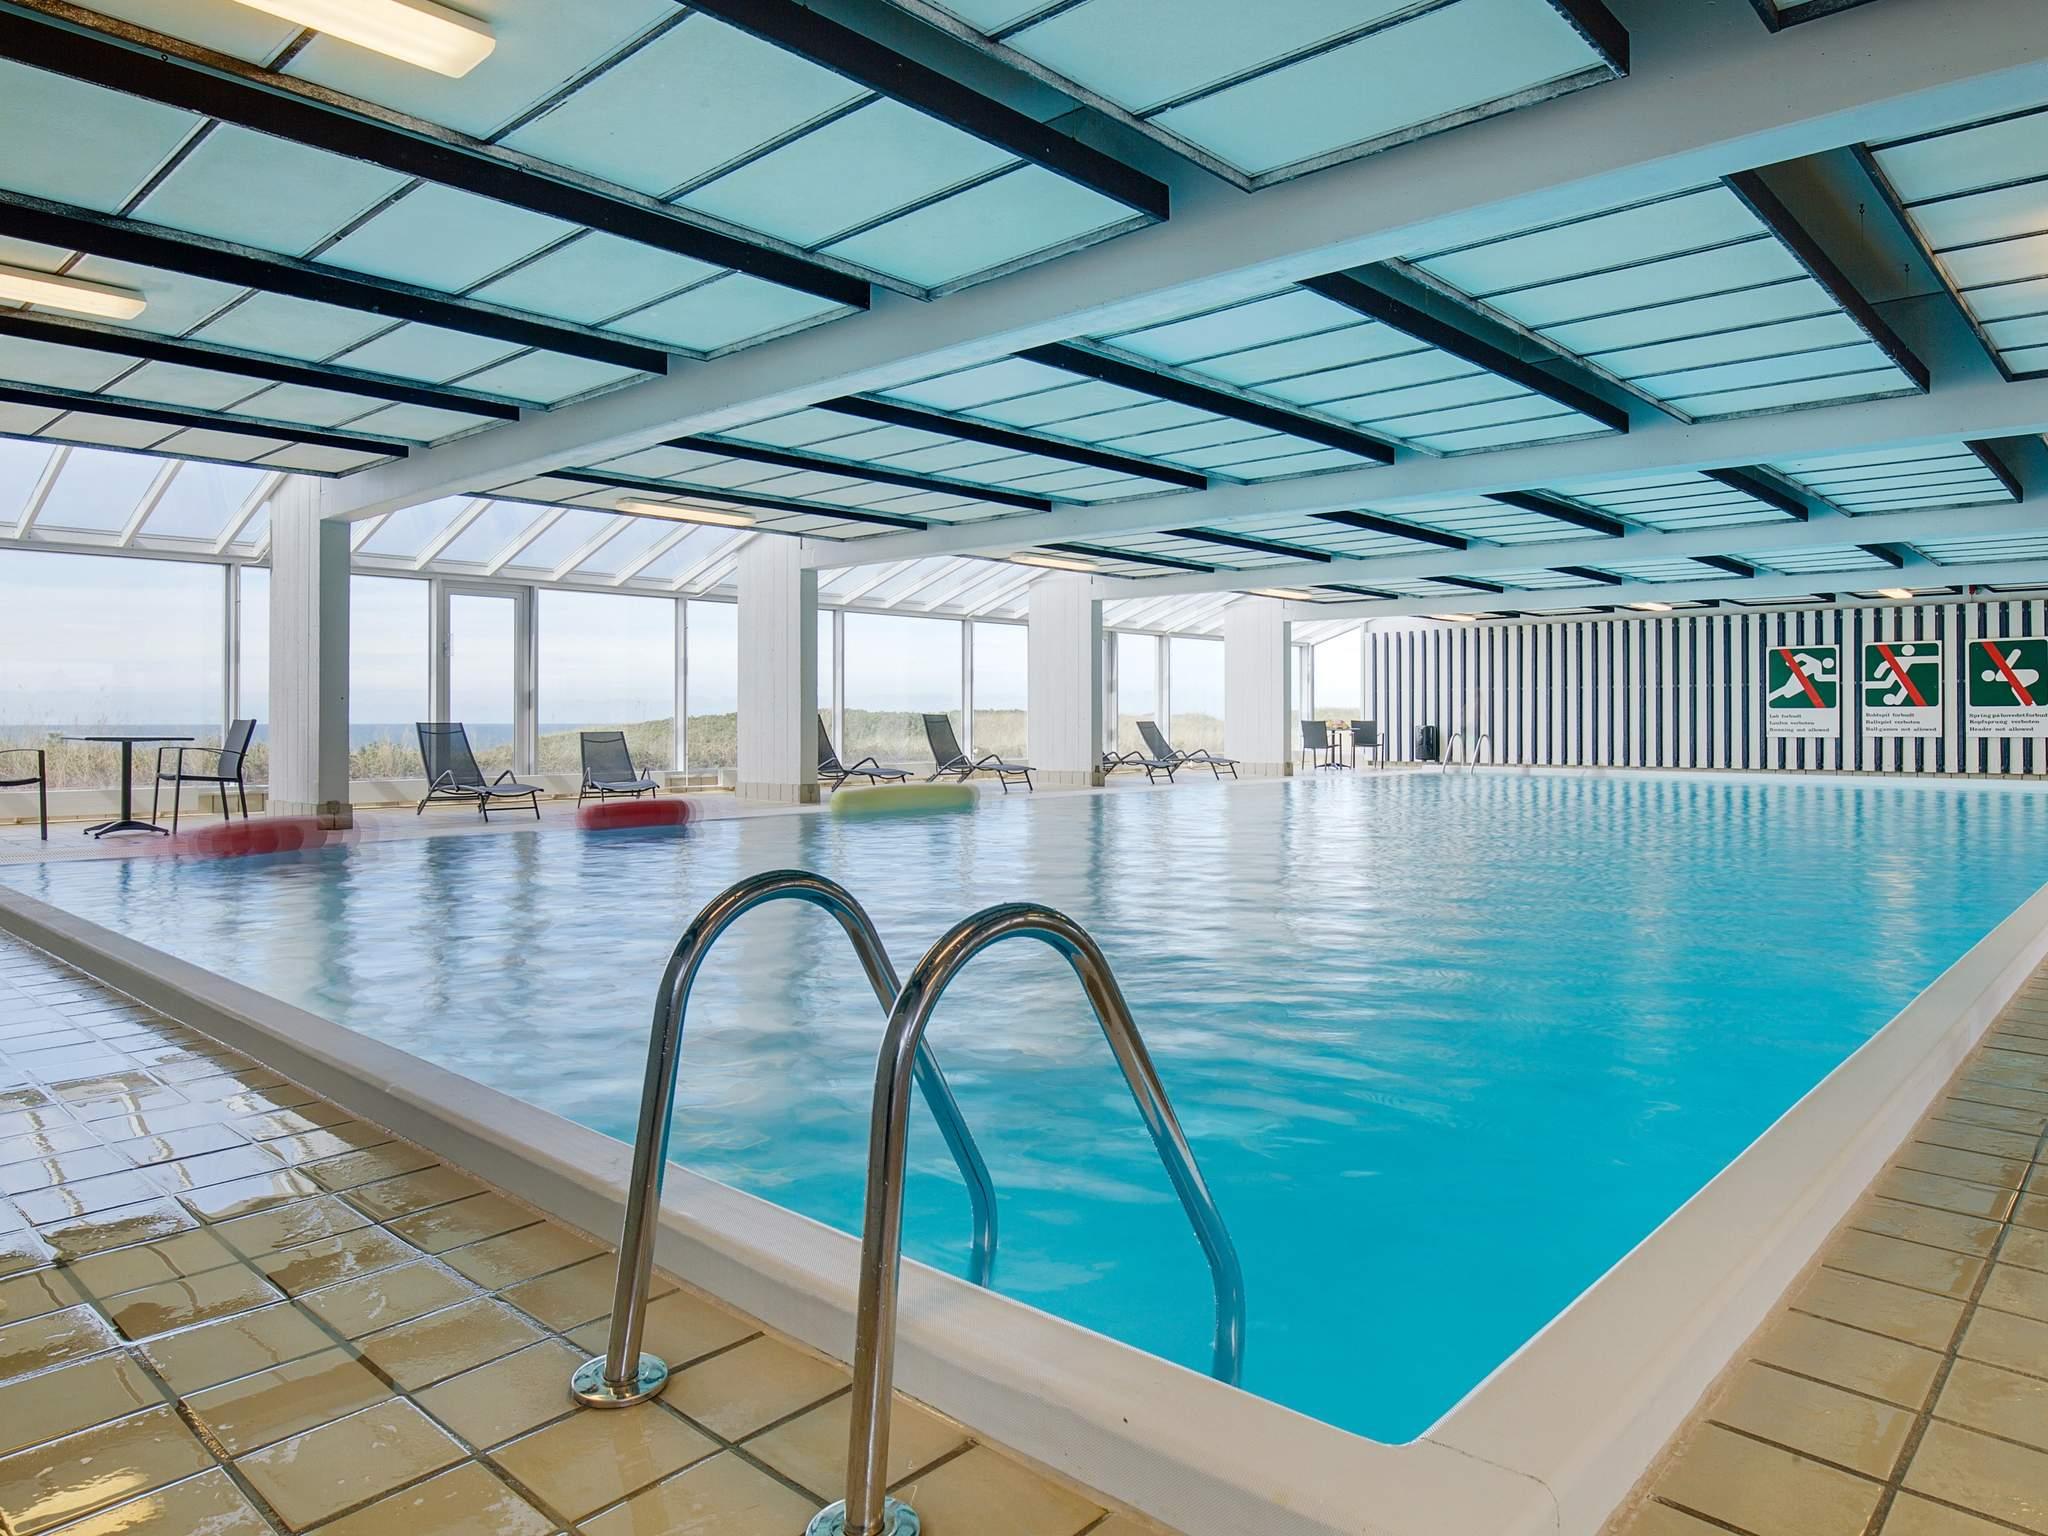 Ferienwohnung Hirtshals - Typ 1 - 2 Zimmer m/Meerblick (382686), Hirtshals, , Nordwestjütland, Dänemark, Bild 18